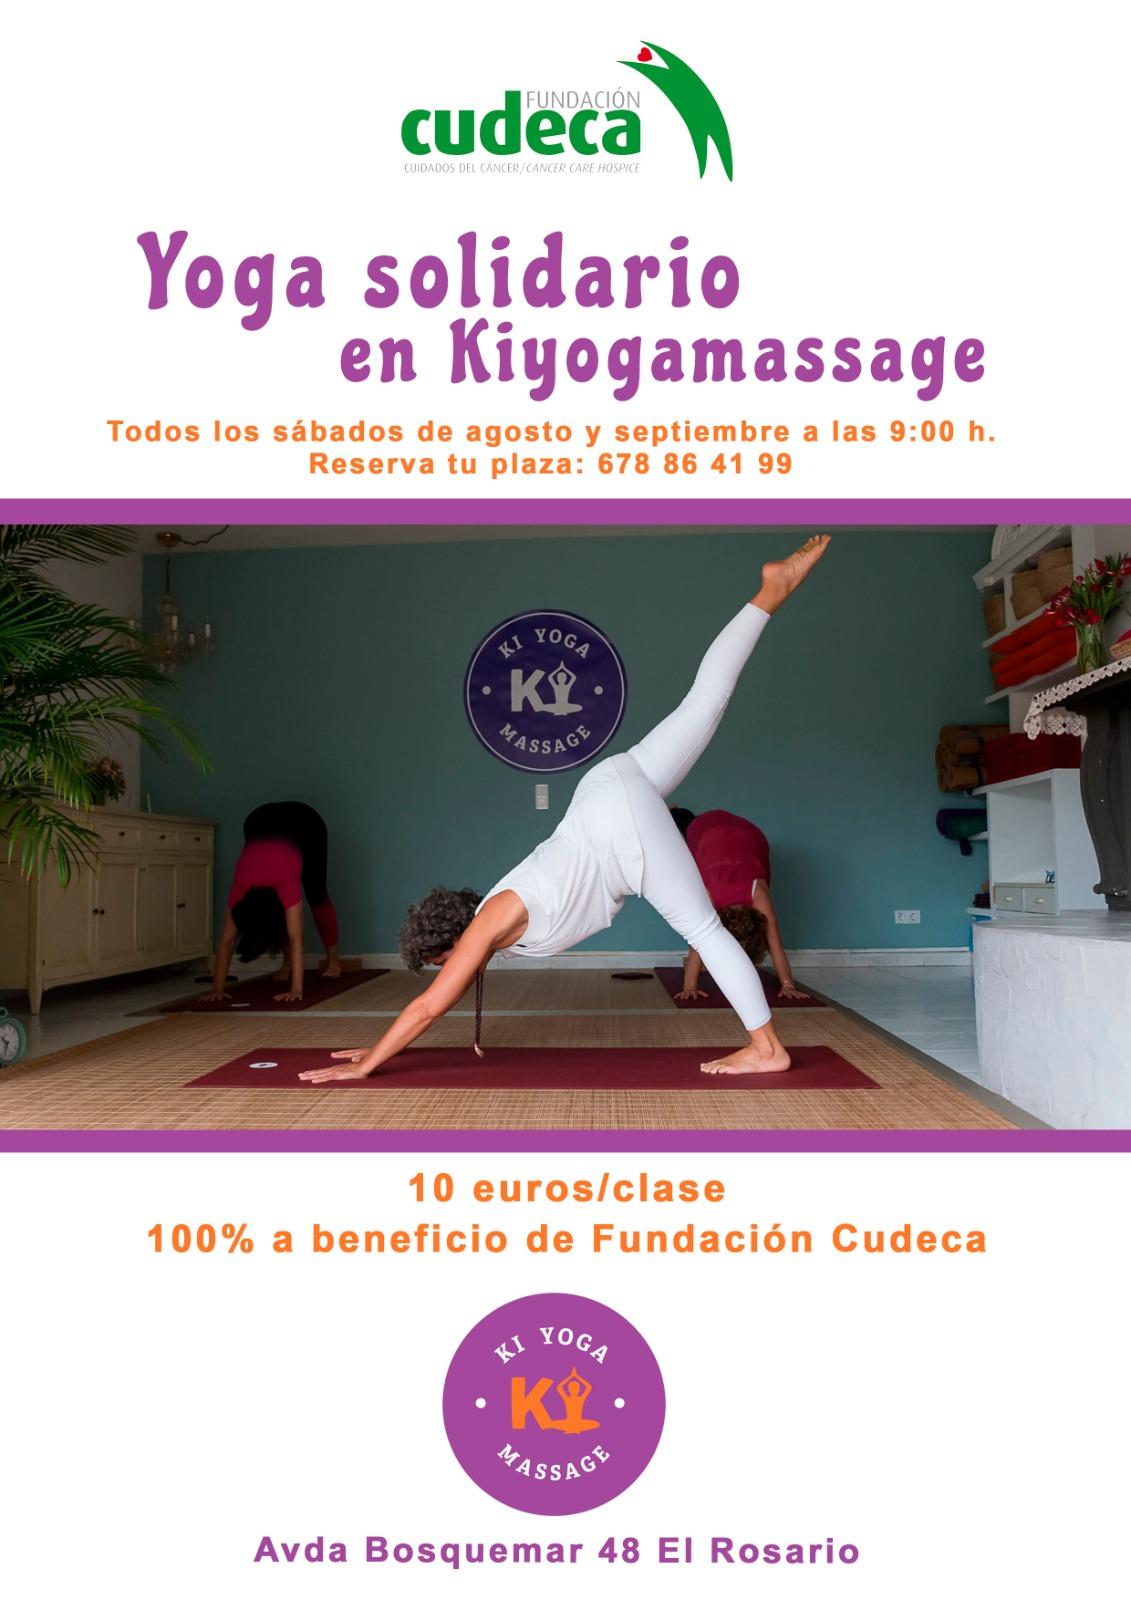 Todos los sábados de agosto y septiembre  ¡nos vemos en el Yoga Solidario de Kiyogamassage!